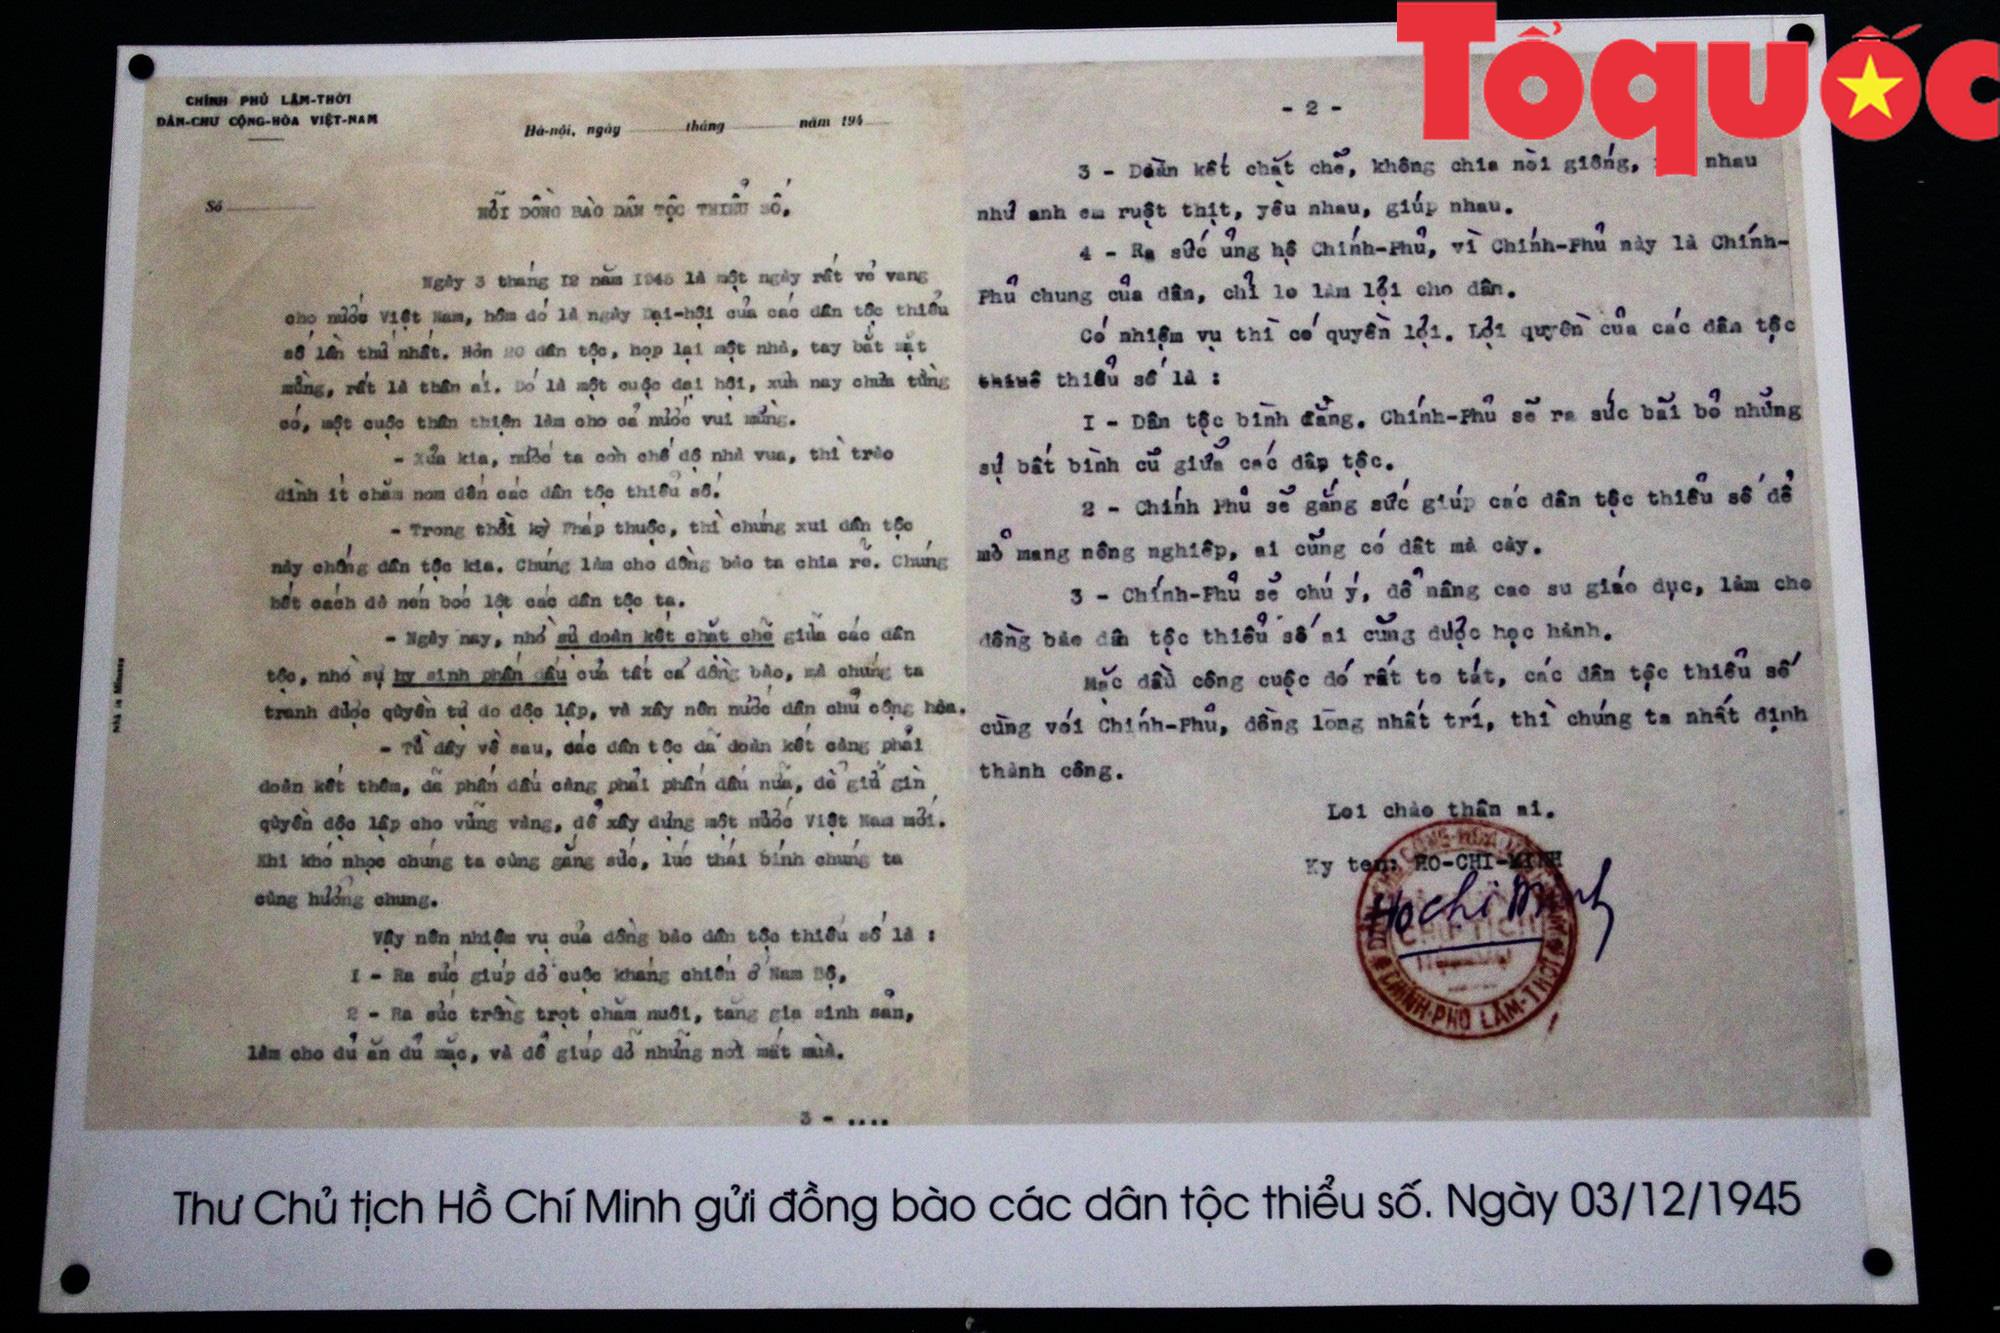 Triển lãm 250 hình ảnh, hiện vật Họ Hồ ở miền Tây Thừa Thiên Huế - Ảnh 5.